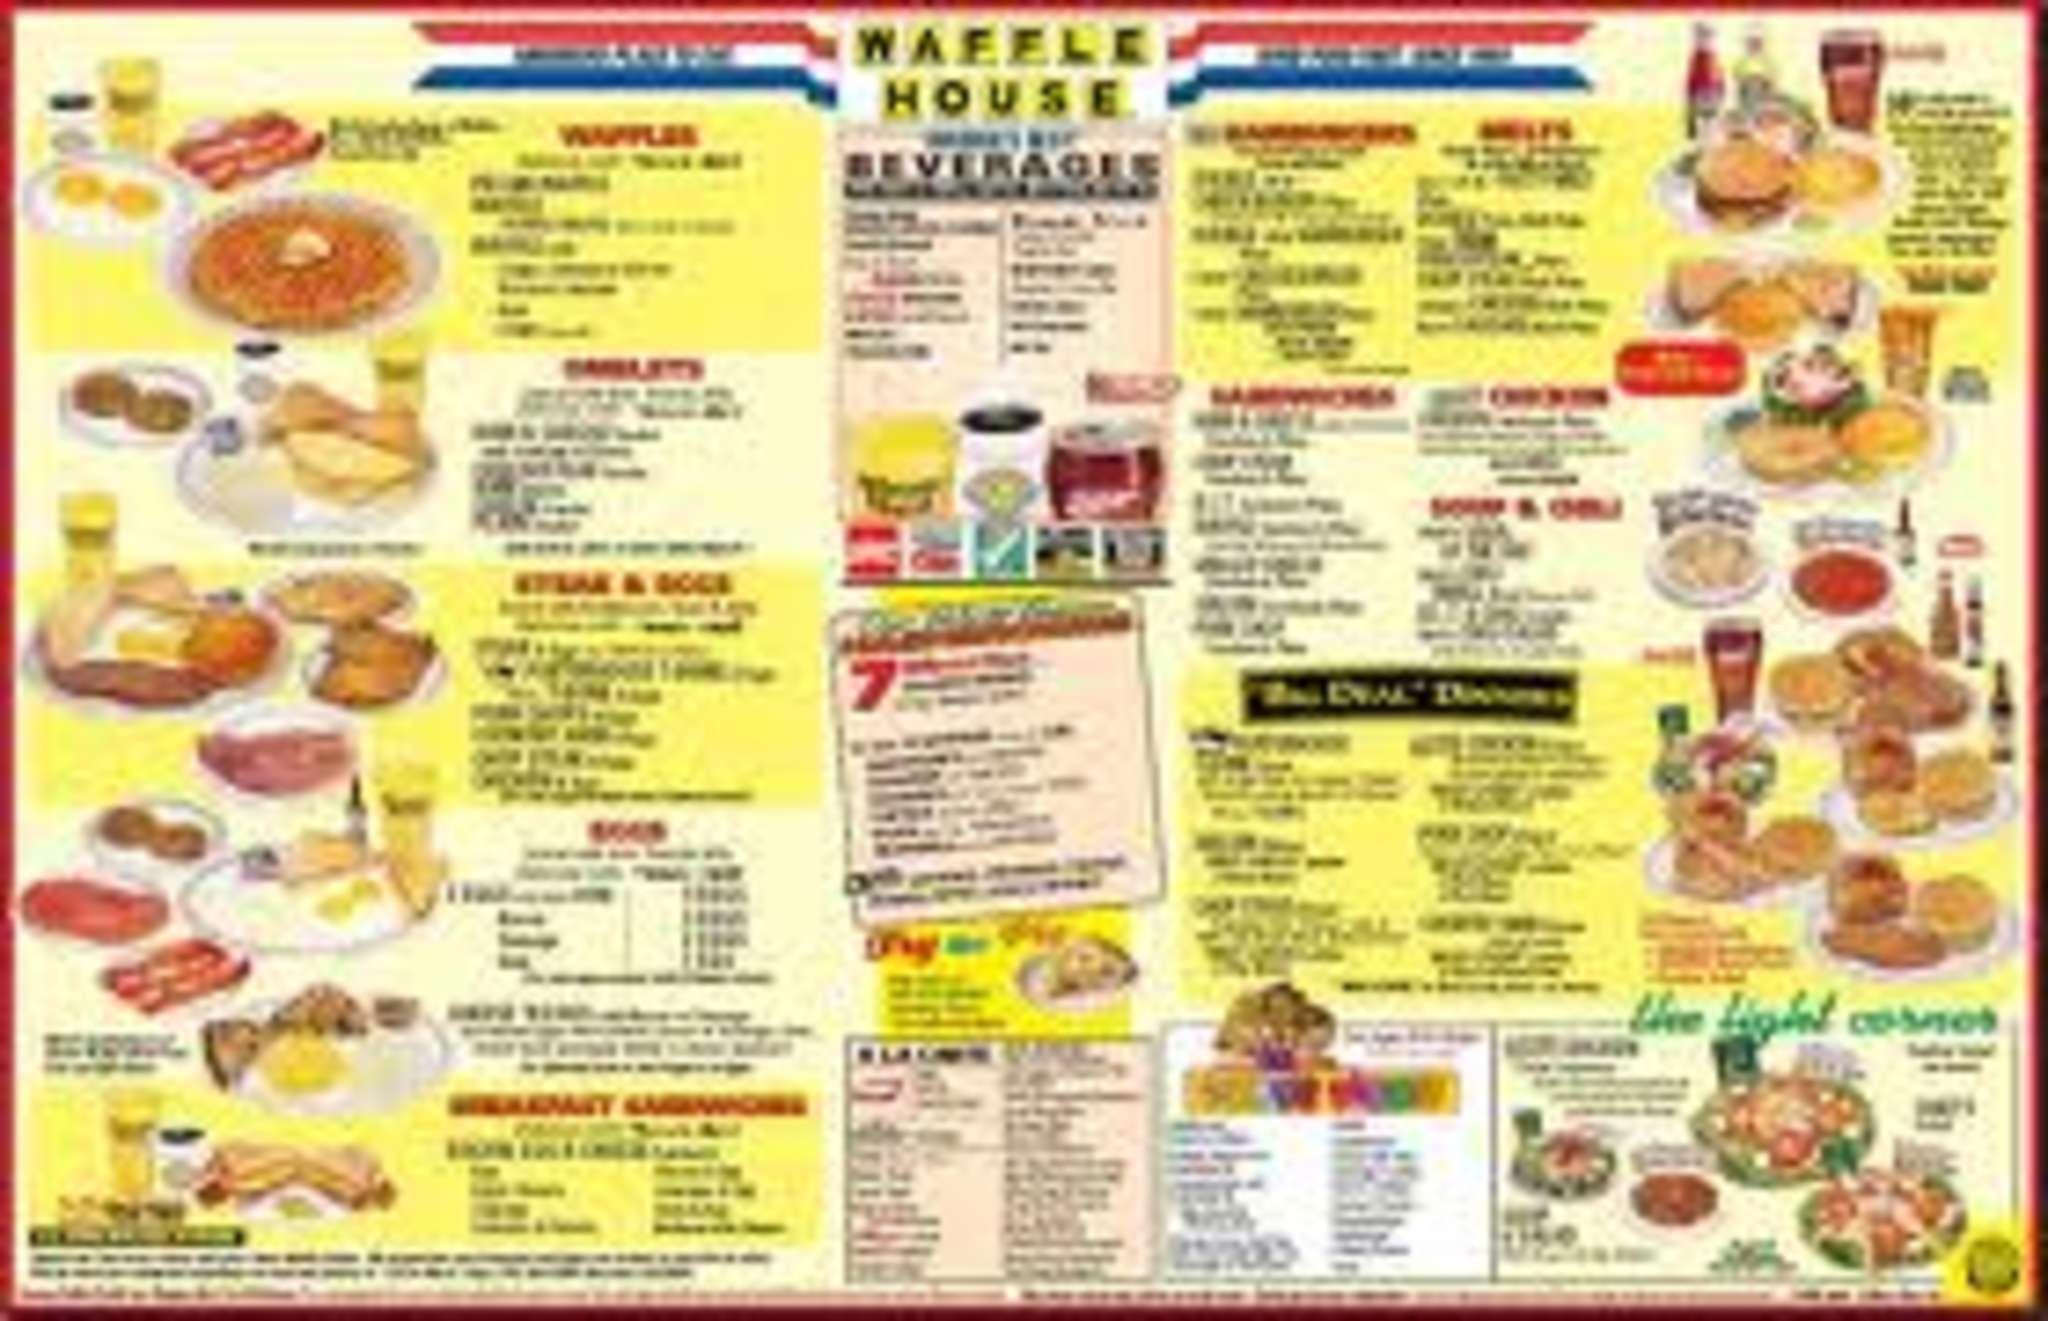 Waffle House Menu, Menu for Waffle House, Beavercreek, Dayton.